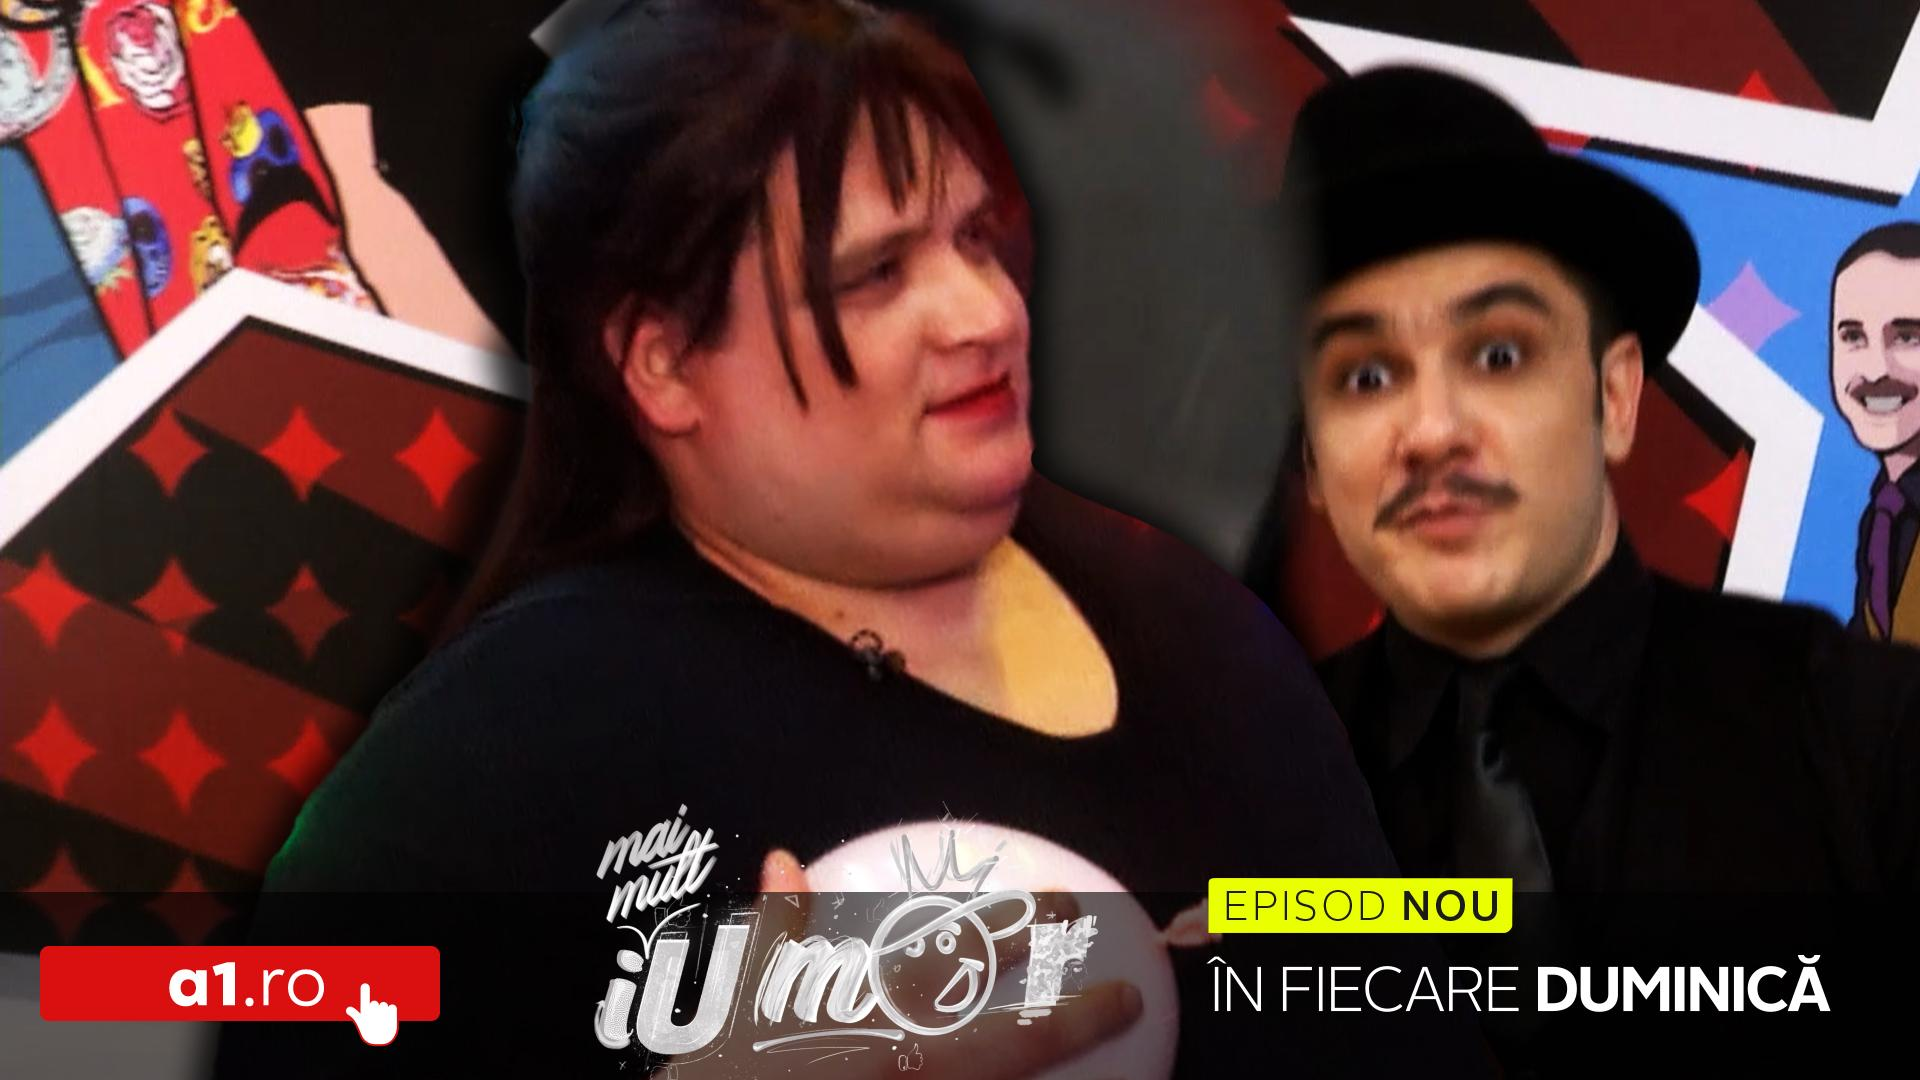 Vlad Drăgulin prezintă iMai mult Umor, episodul 8. Hai să vezi ce surprize din culise a pregătit!